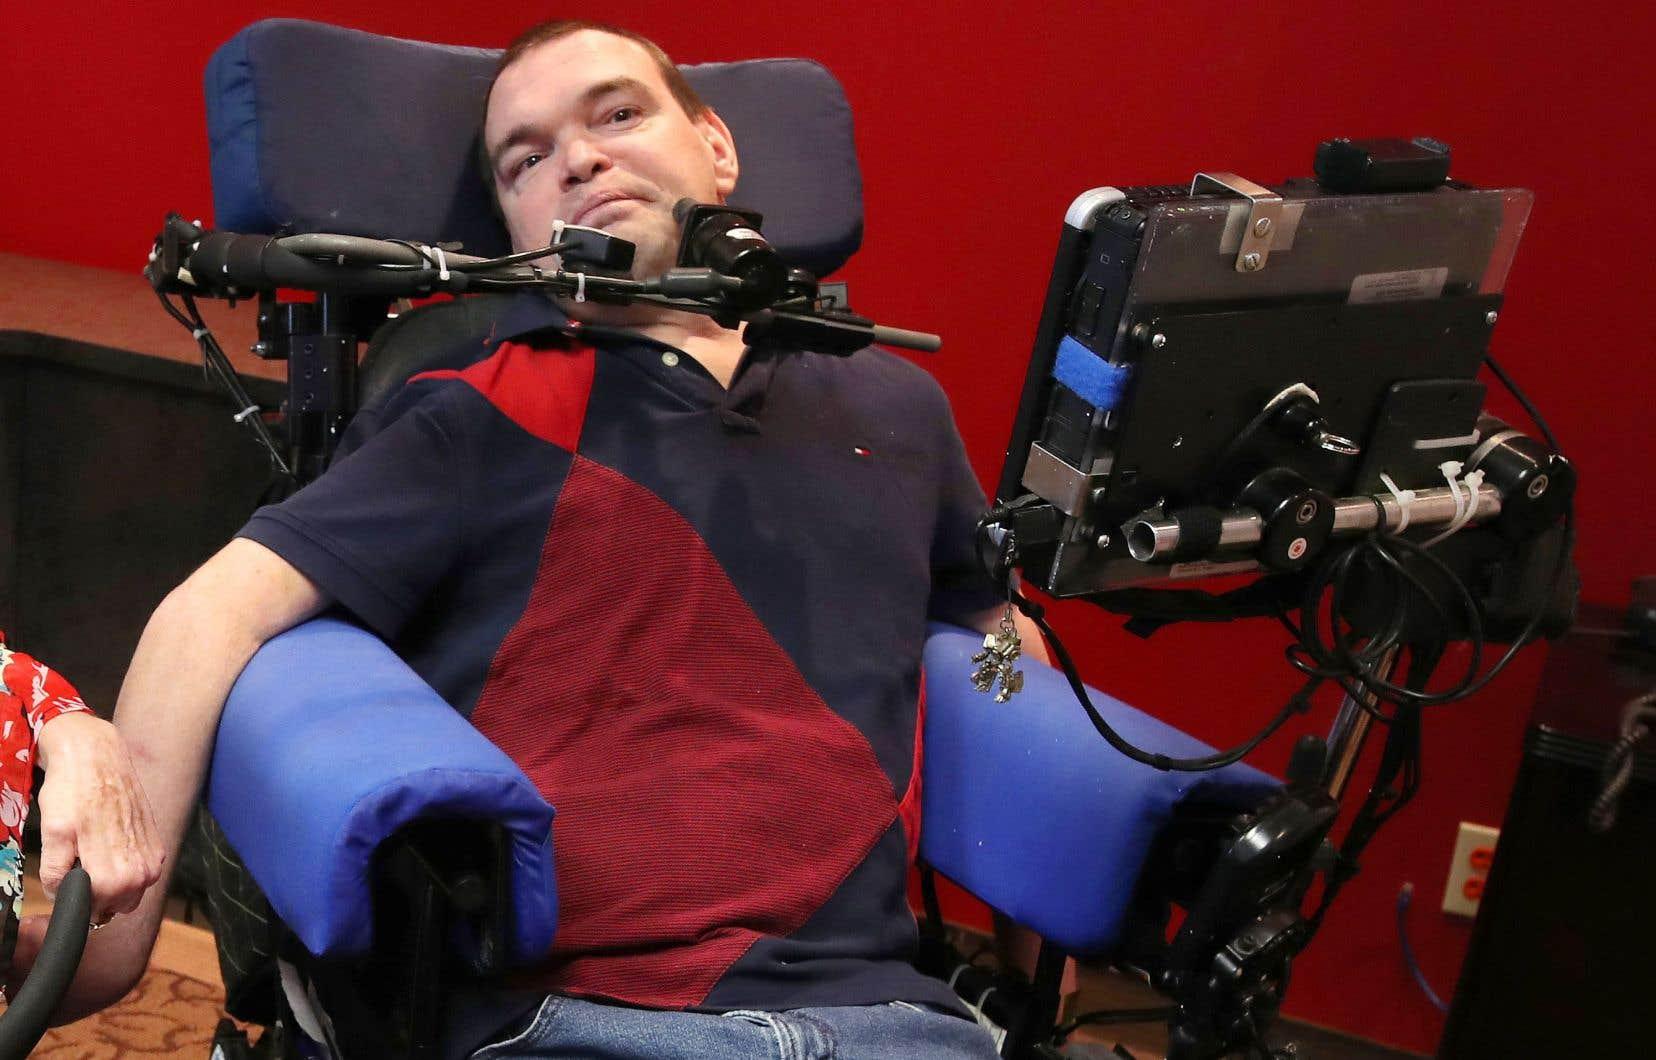 Atteint de triparalysie depuis la naissance, Jean Truchon a vu sa condition physique dégénérer en 2012 après un accident survenu lors d'une partie de hockey sur chaise qui lui a fait perdre l'usage de son seul bras mobile.